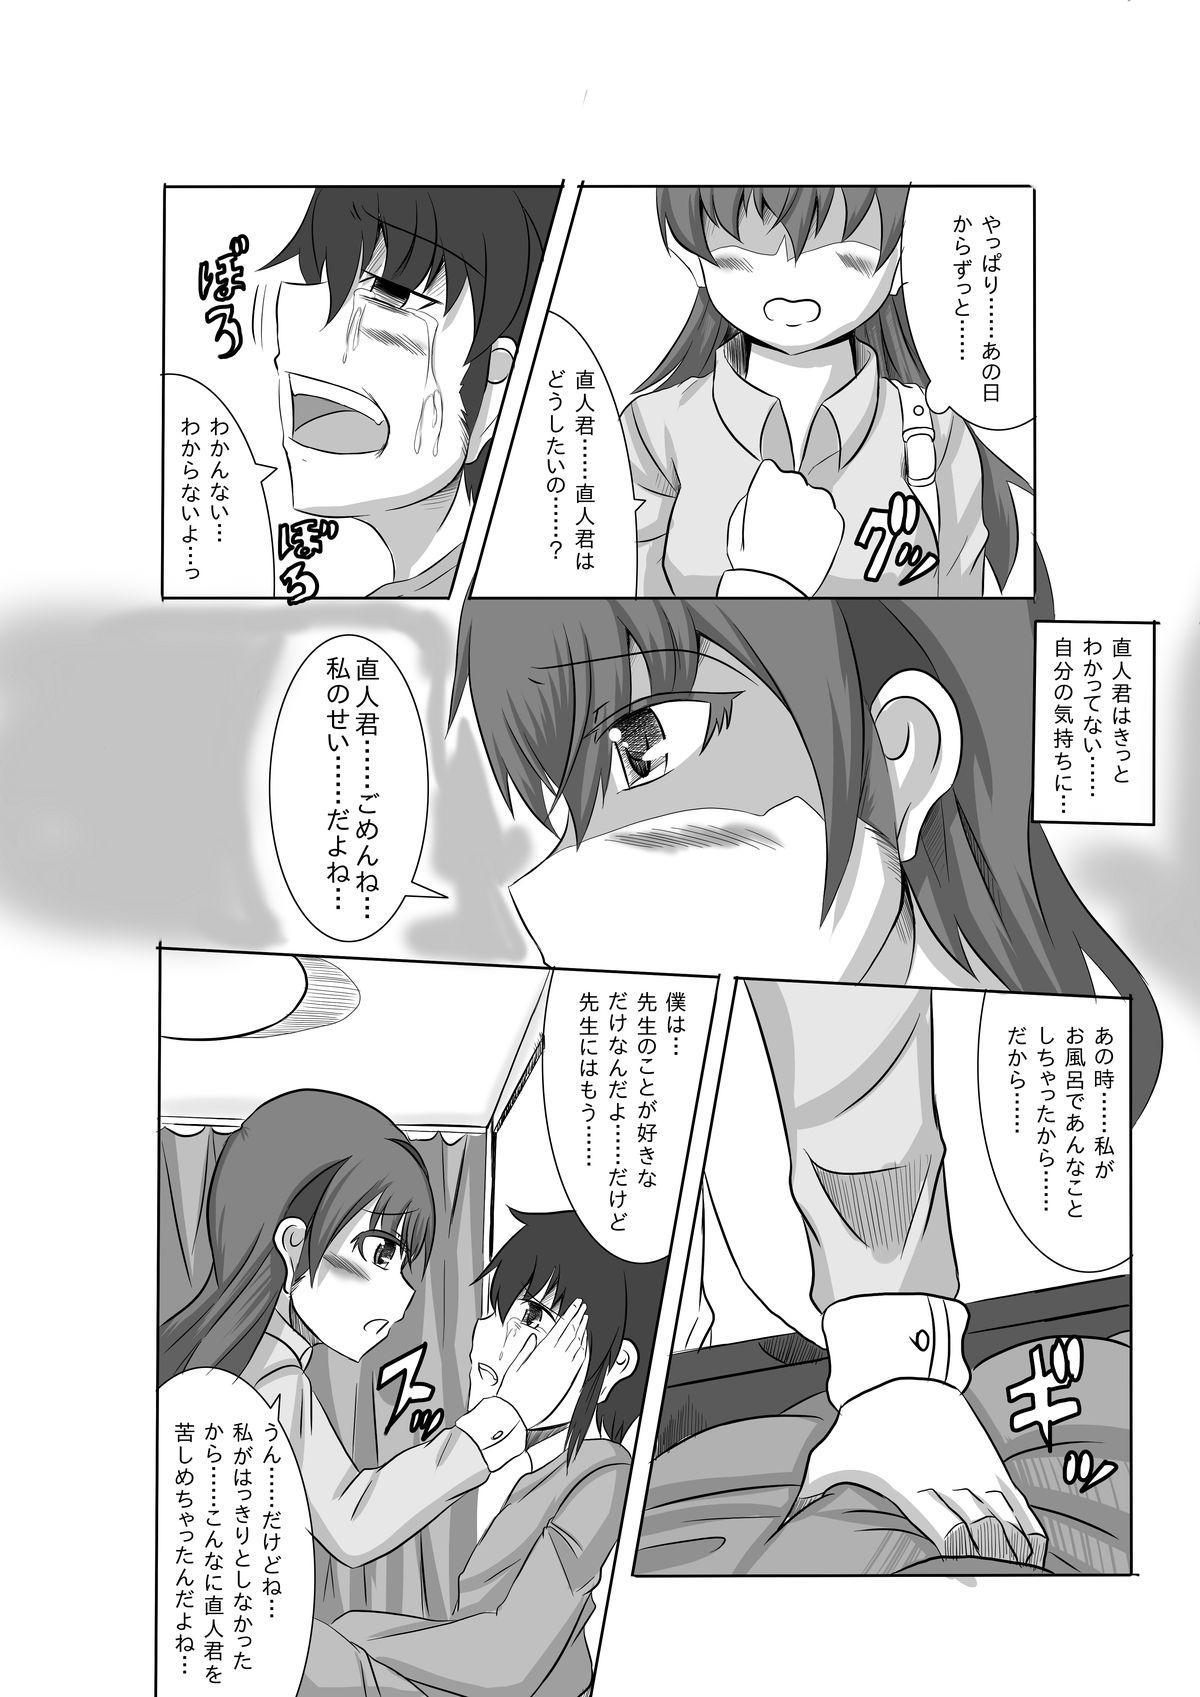 Kano Shota 2 12